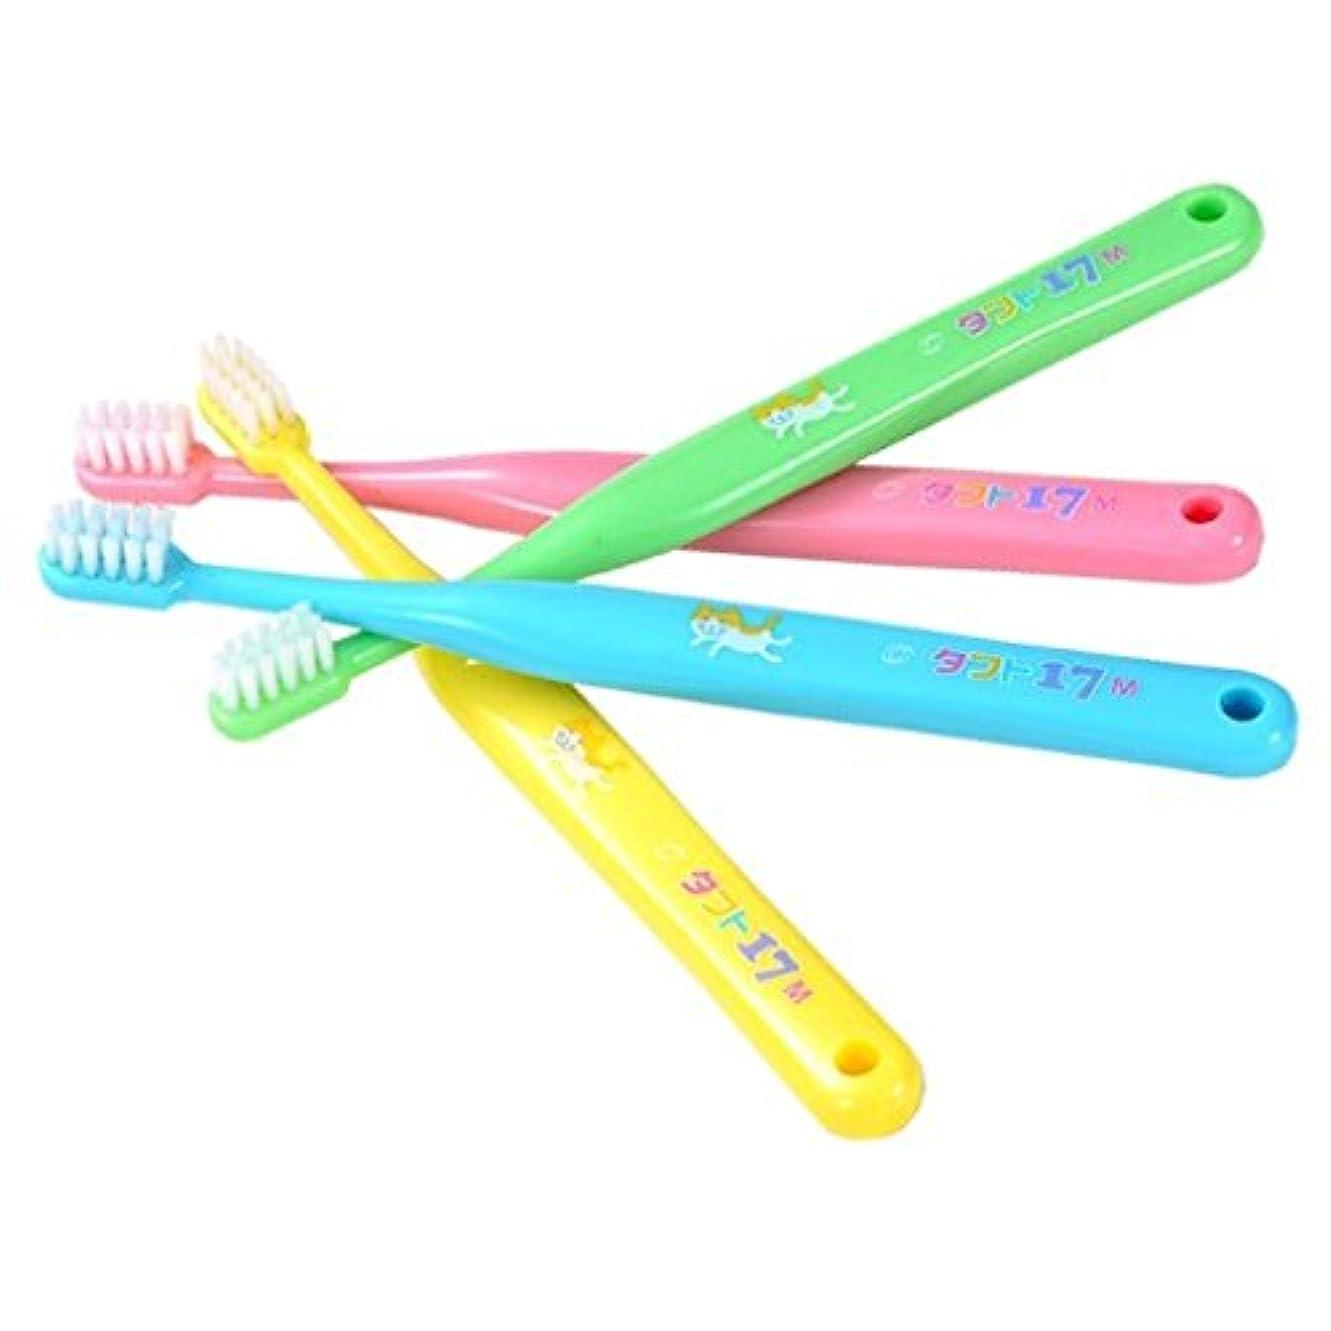 オーラルケア タフト 歯ブラシ ミディアム × 4本 アソート (タフト17(M))